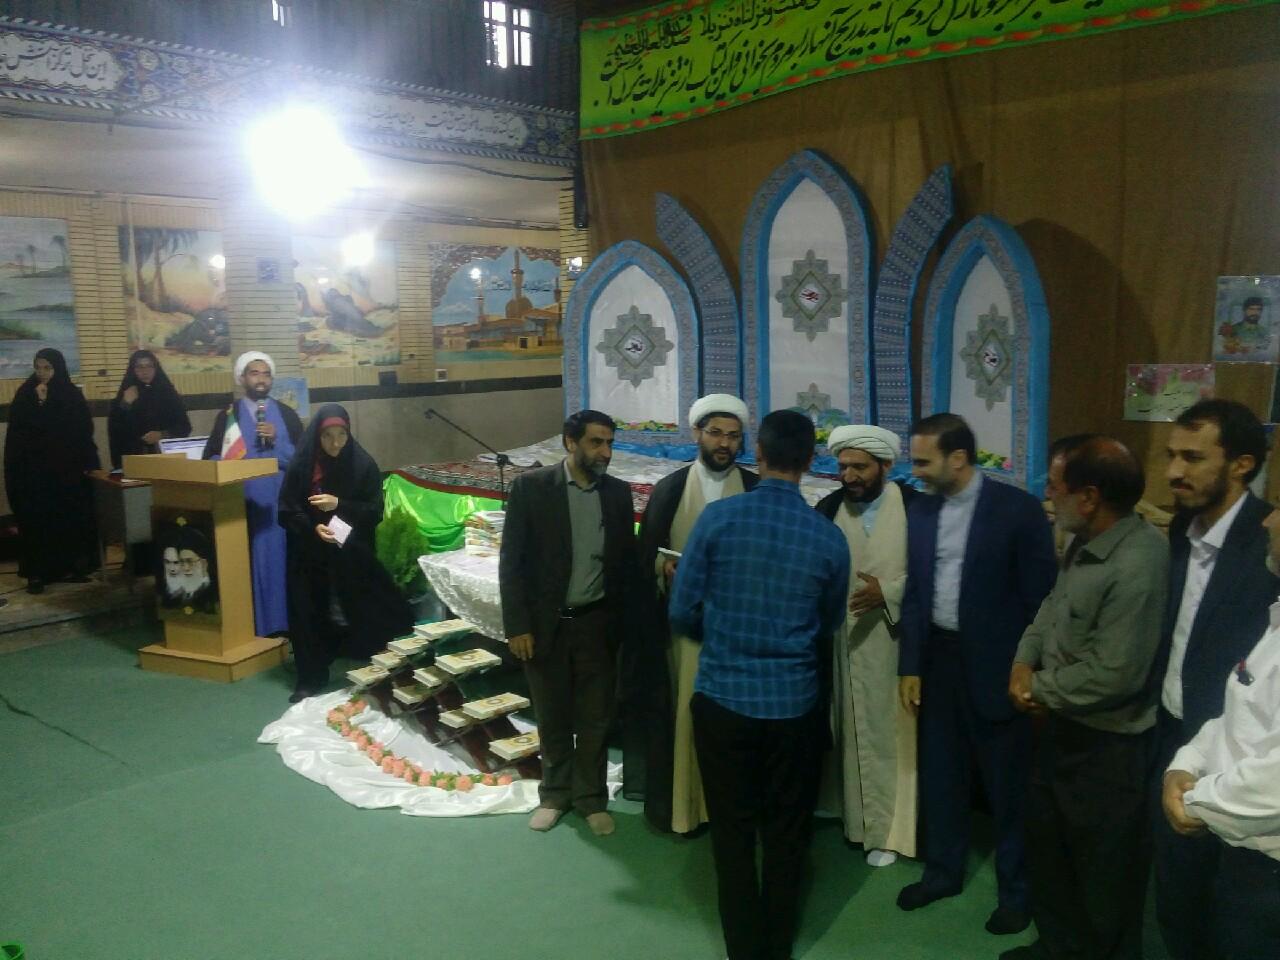 حضور امام جمعه محترم شهر قهدریجان در مراسم اختتامیه ختم کل قرآن کریم واهدای جوایز فعالان قرآنی